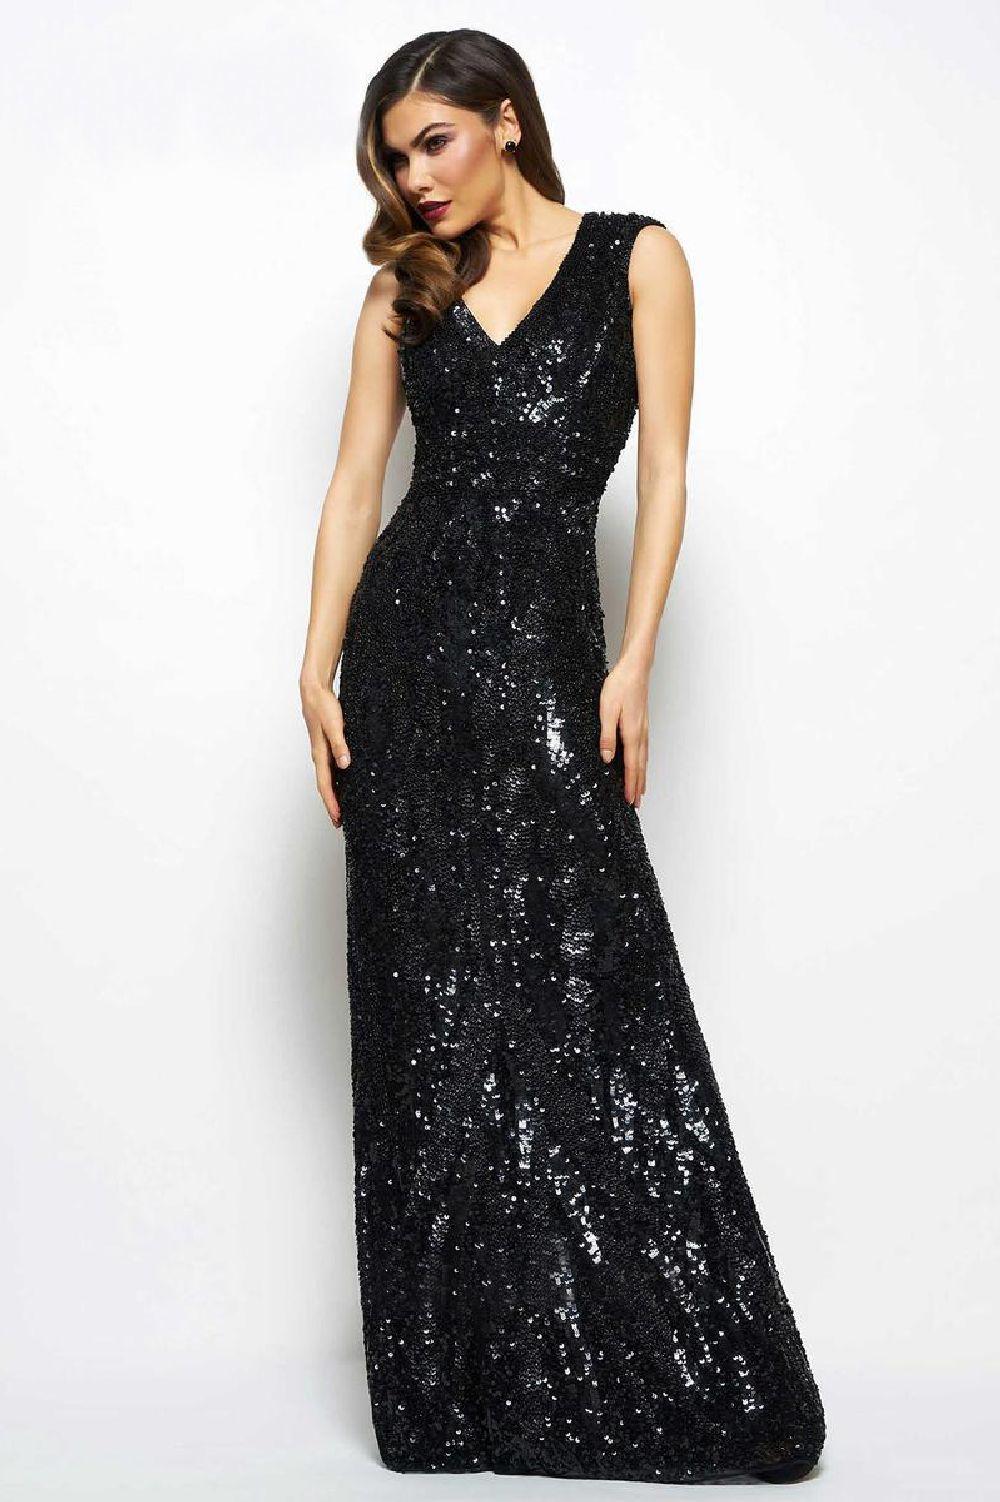 Mac Duggal 194 Черное платье расшито бисером и пайетками по всей длине, длинна в пол, небольшой шлейф